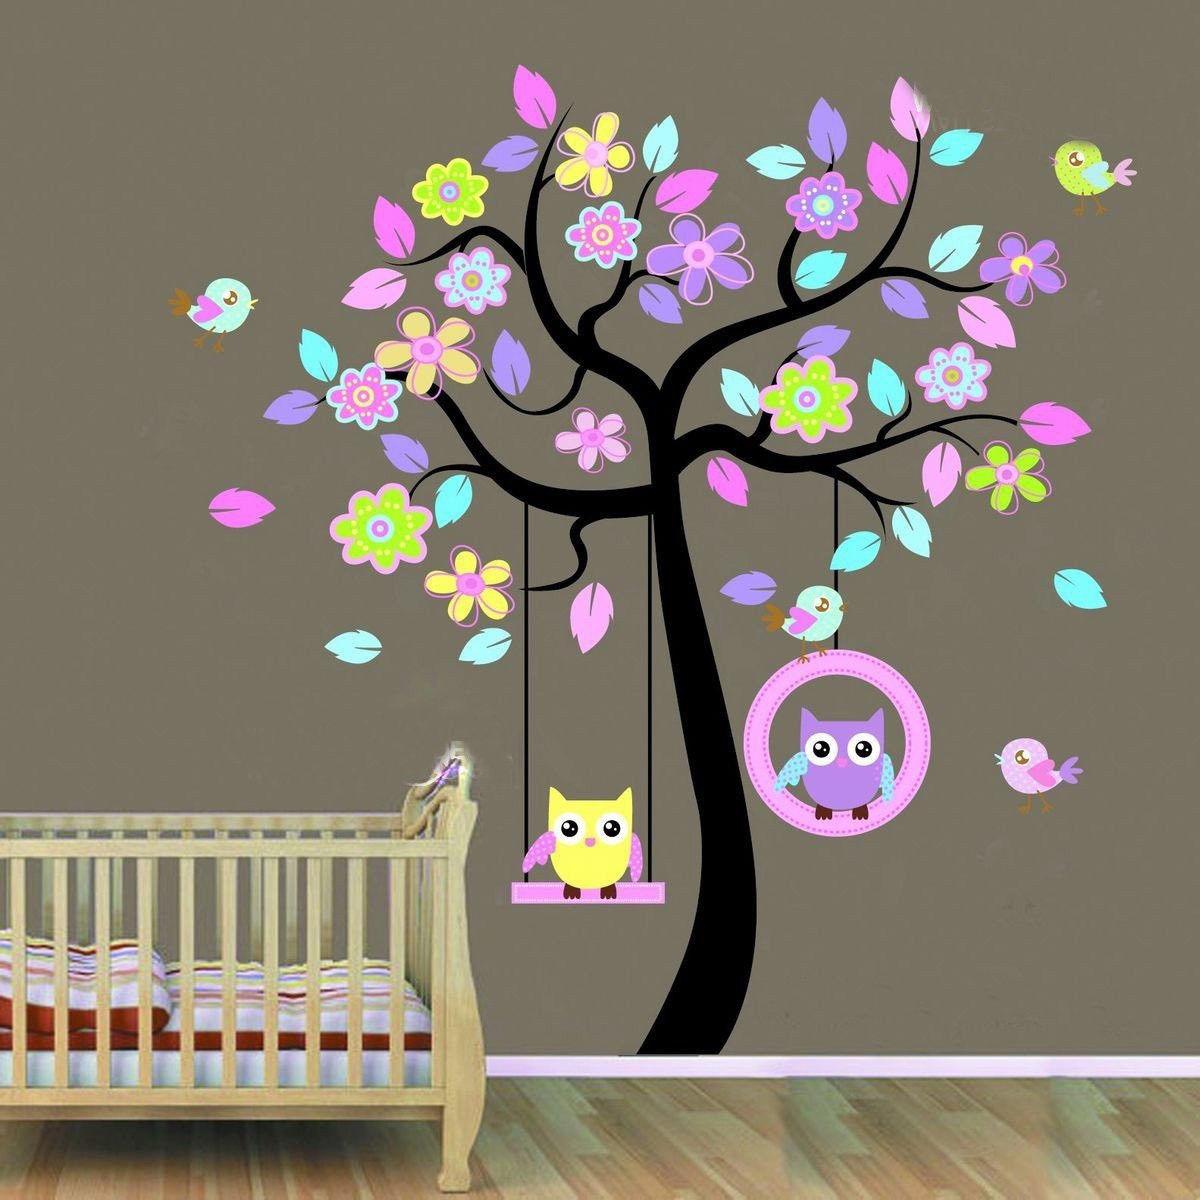 Decorative decals ebay home u garden flower tree art kids and owl